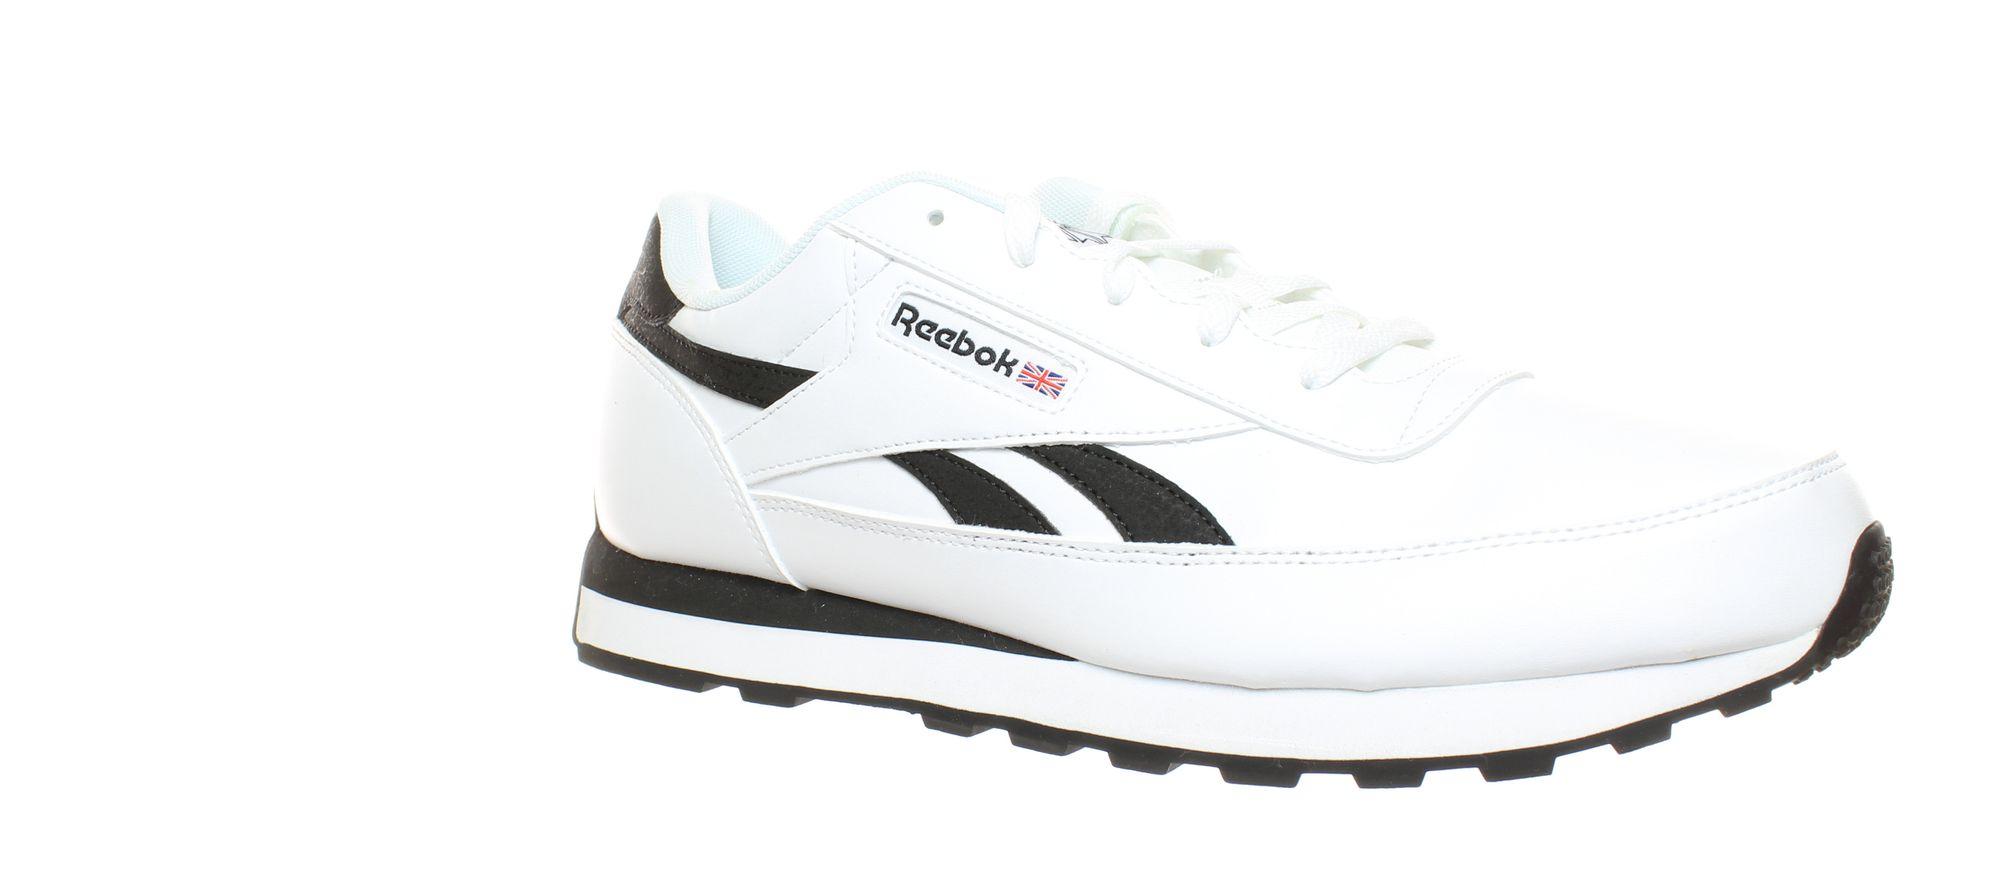 Details about Reebok Mens Classic Renaissance Us whiteBlack Fashion Sneaker Size 12.5